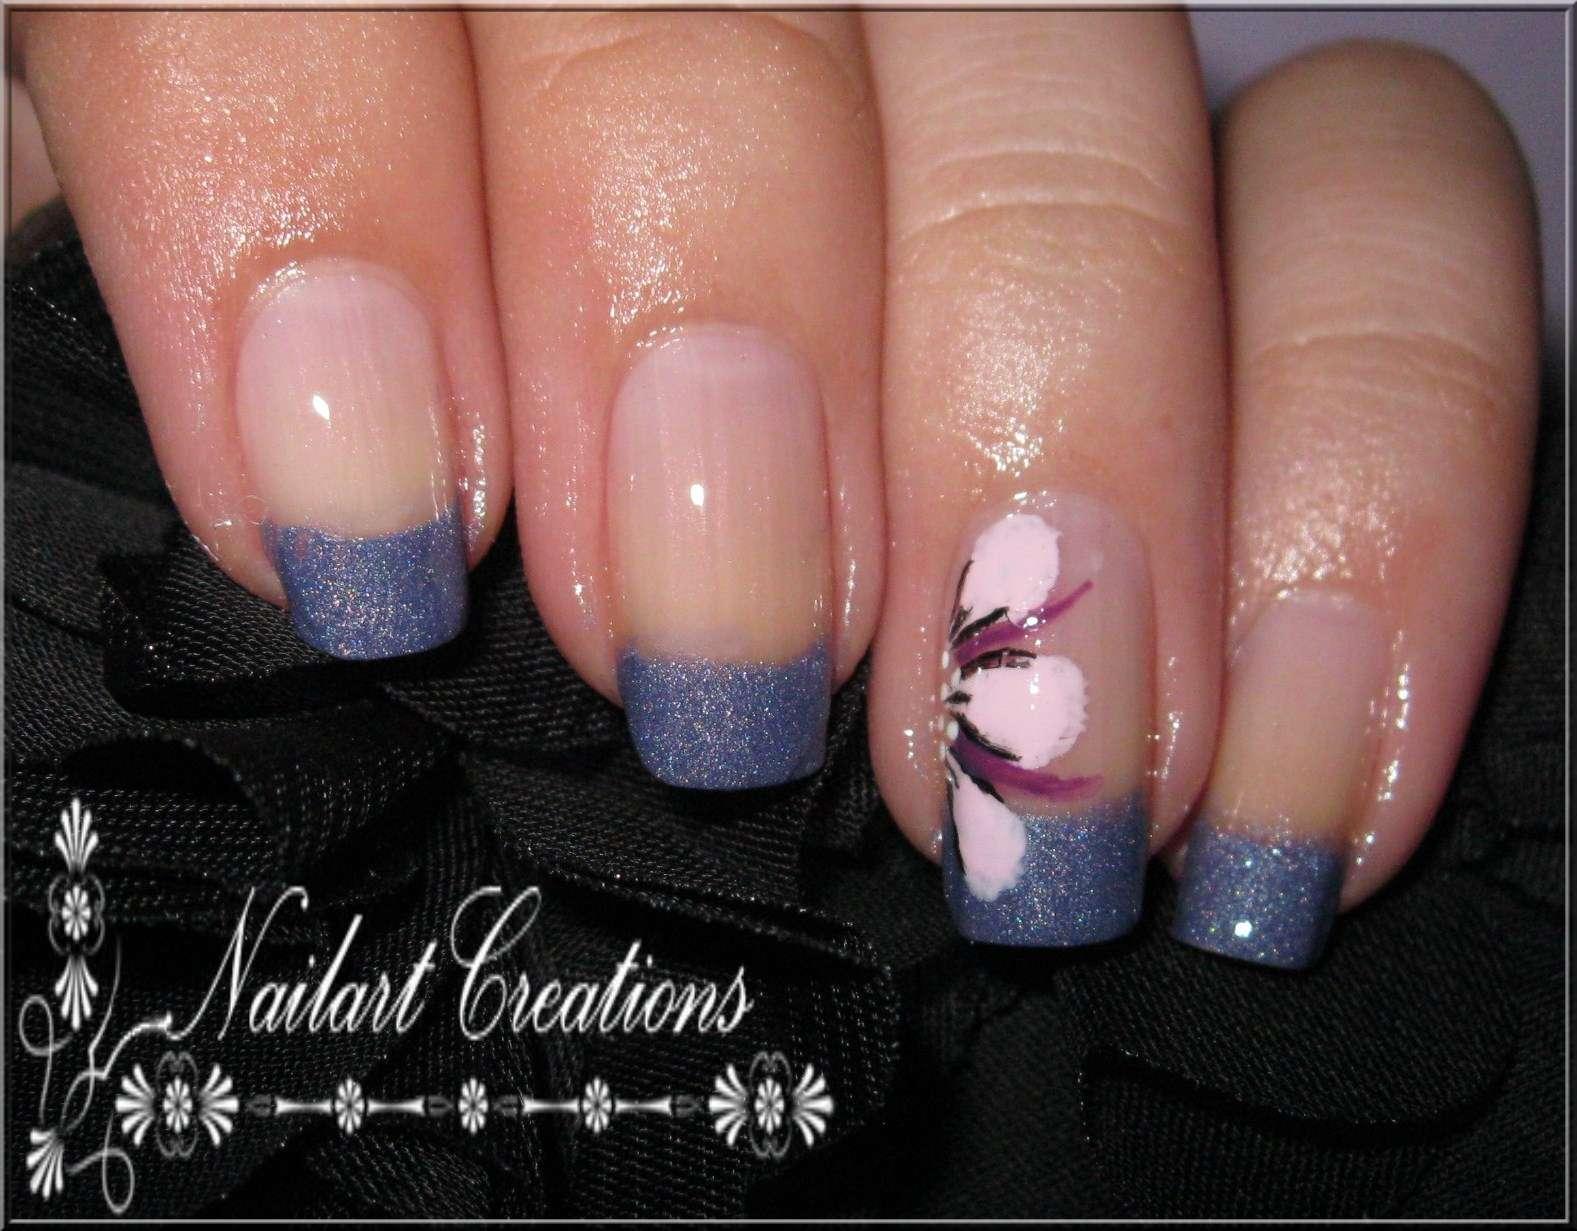 Nailart Creations Nailarts